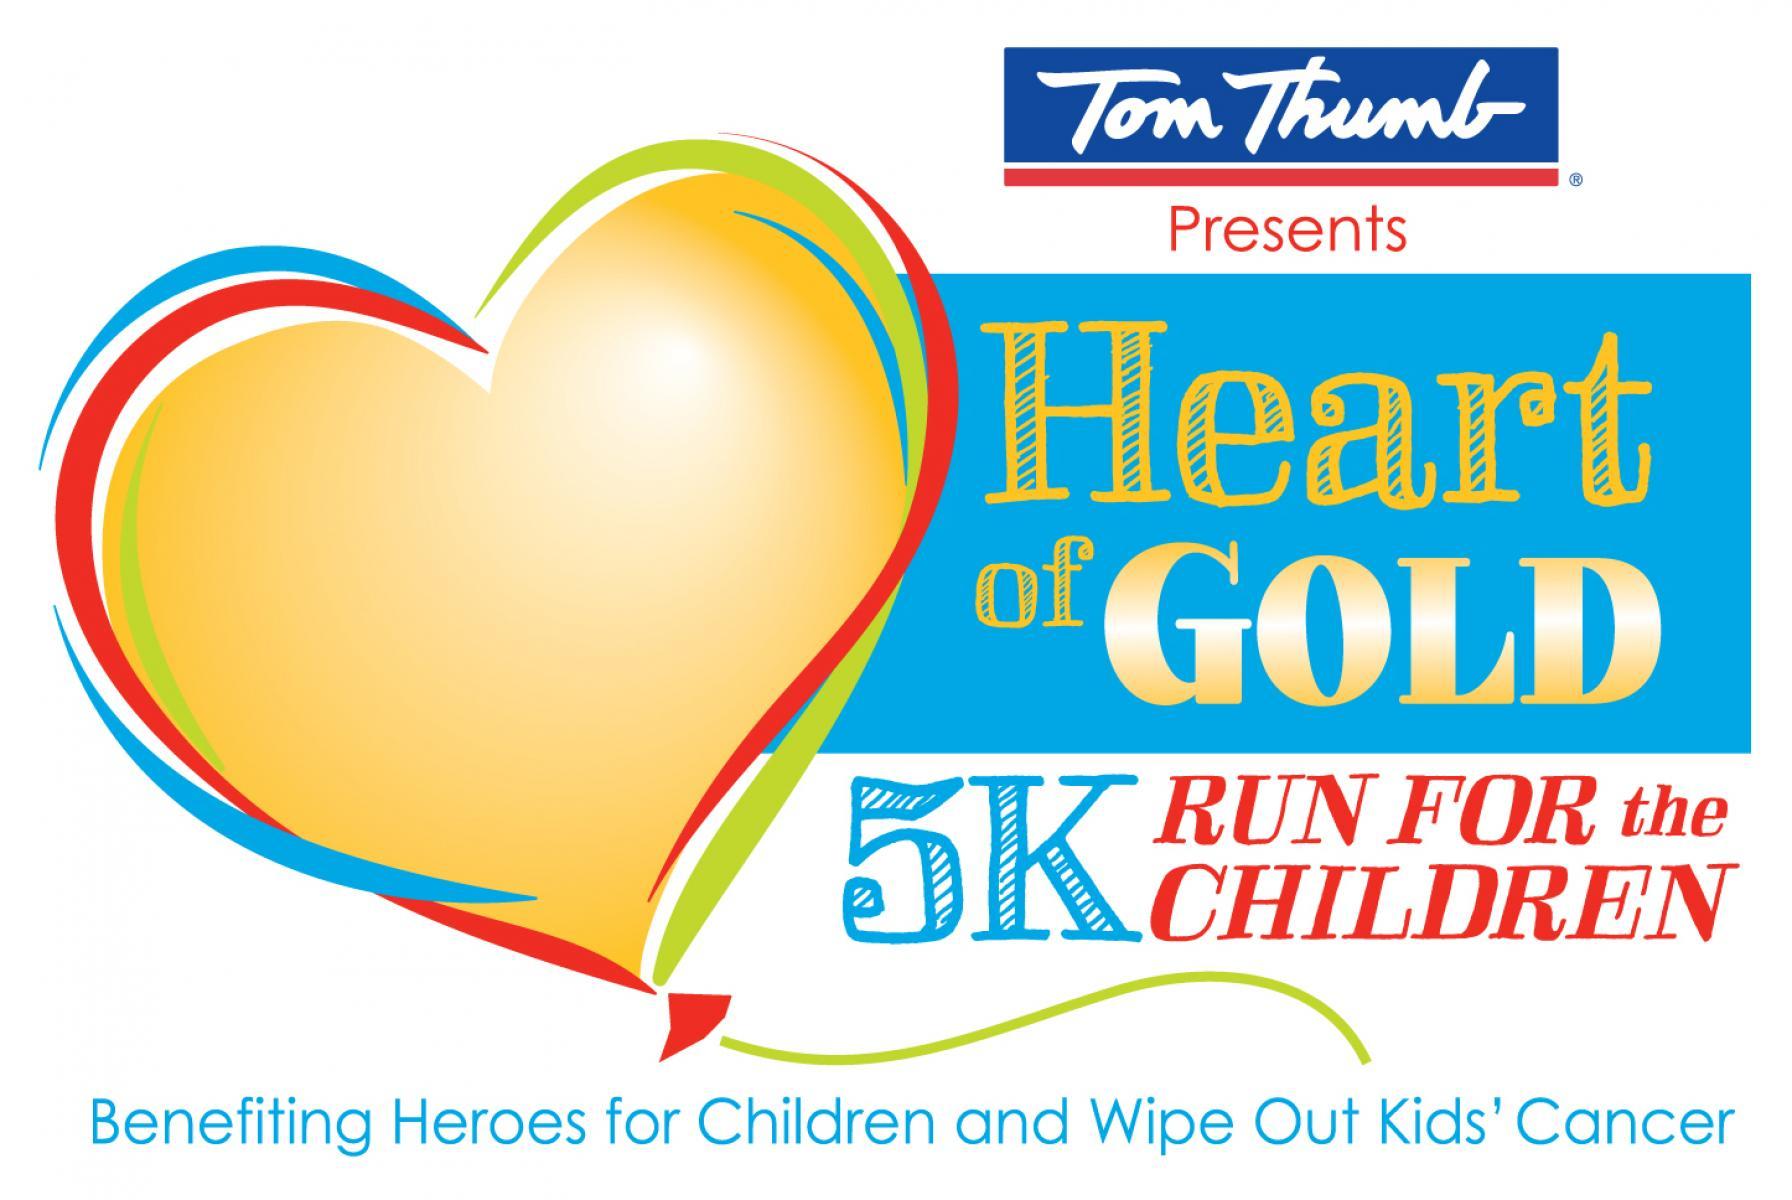 Heart of Gold 5K: Run for the Children